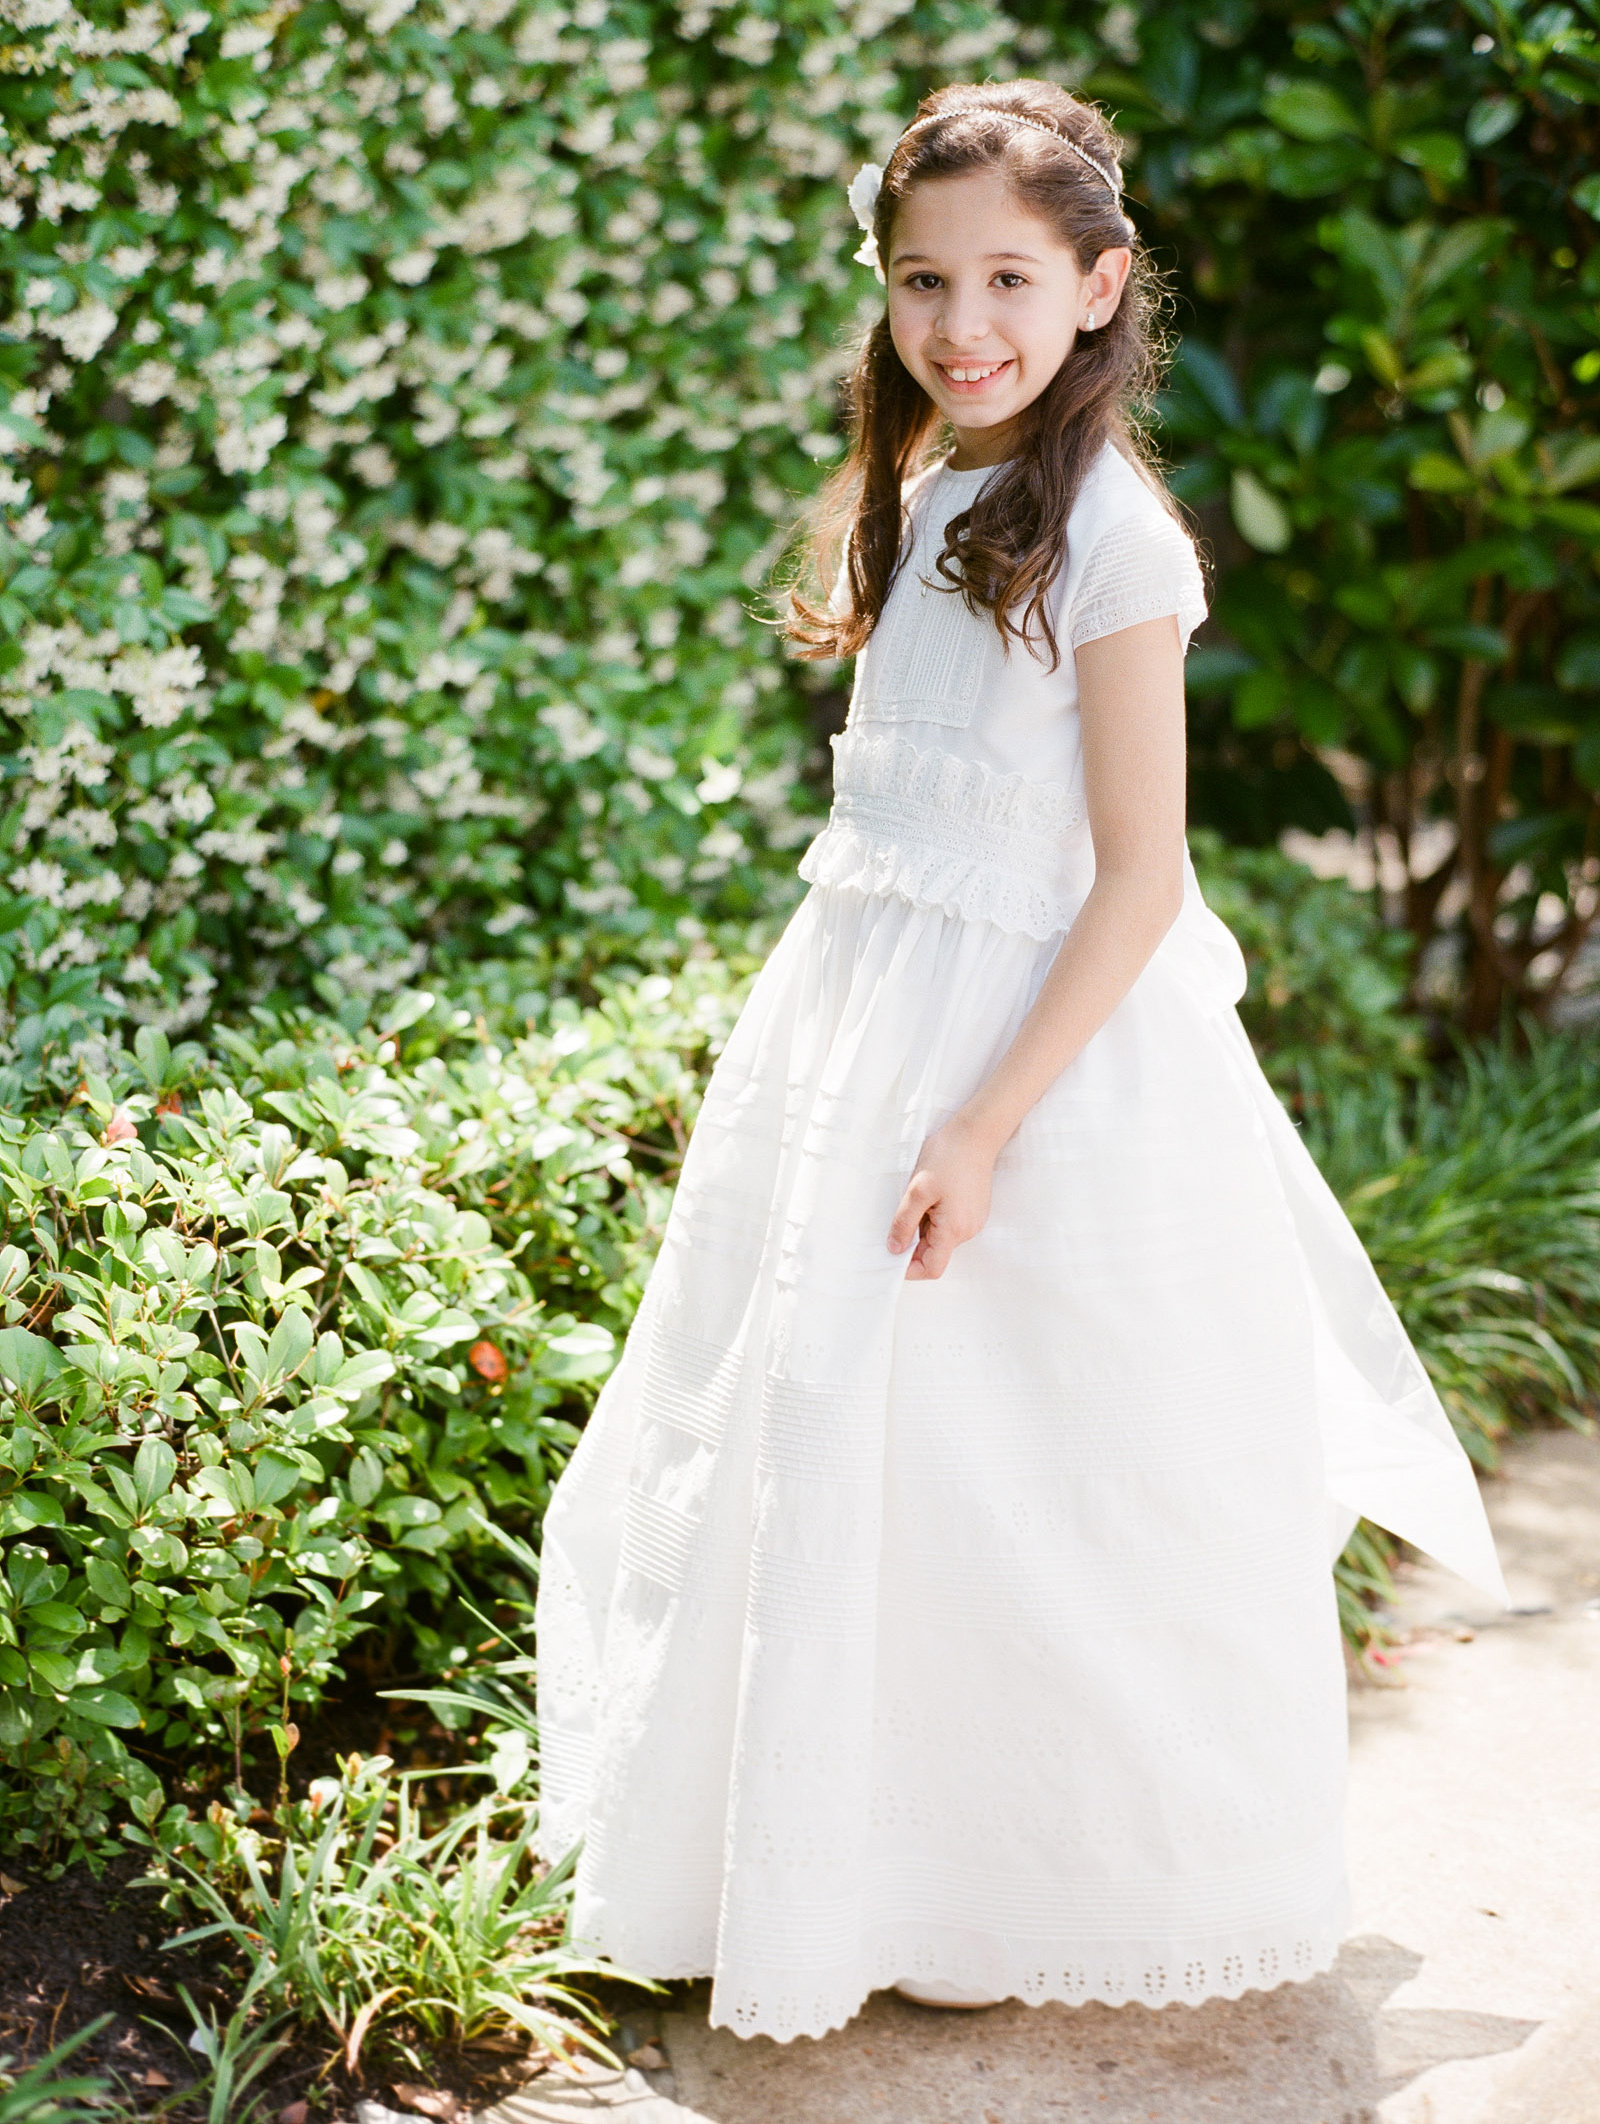 0027_0049-Houston-Family-Children-Baby-Photographers.jpg